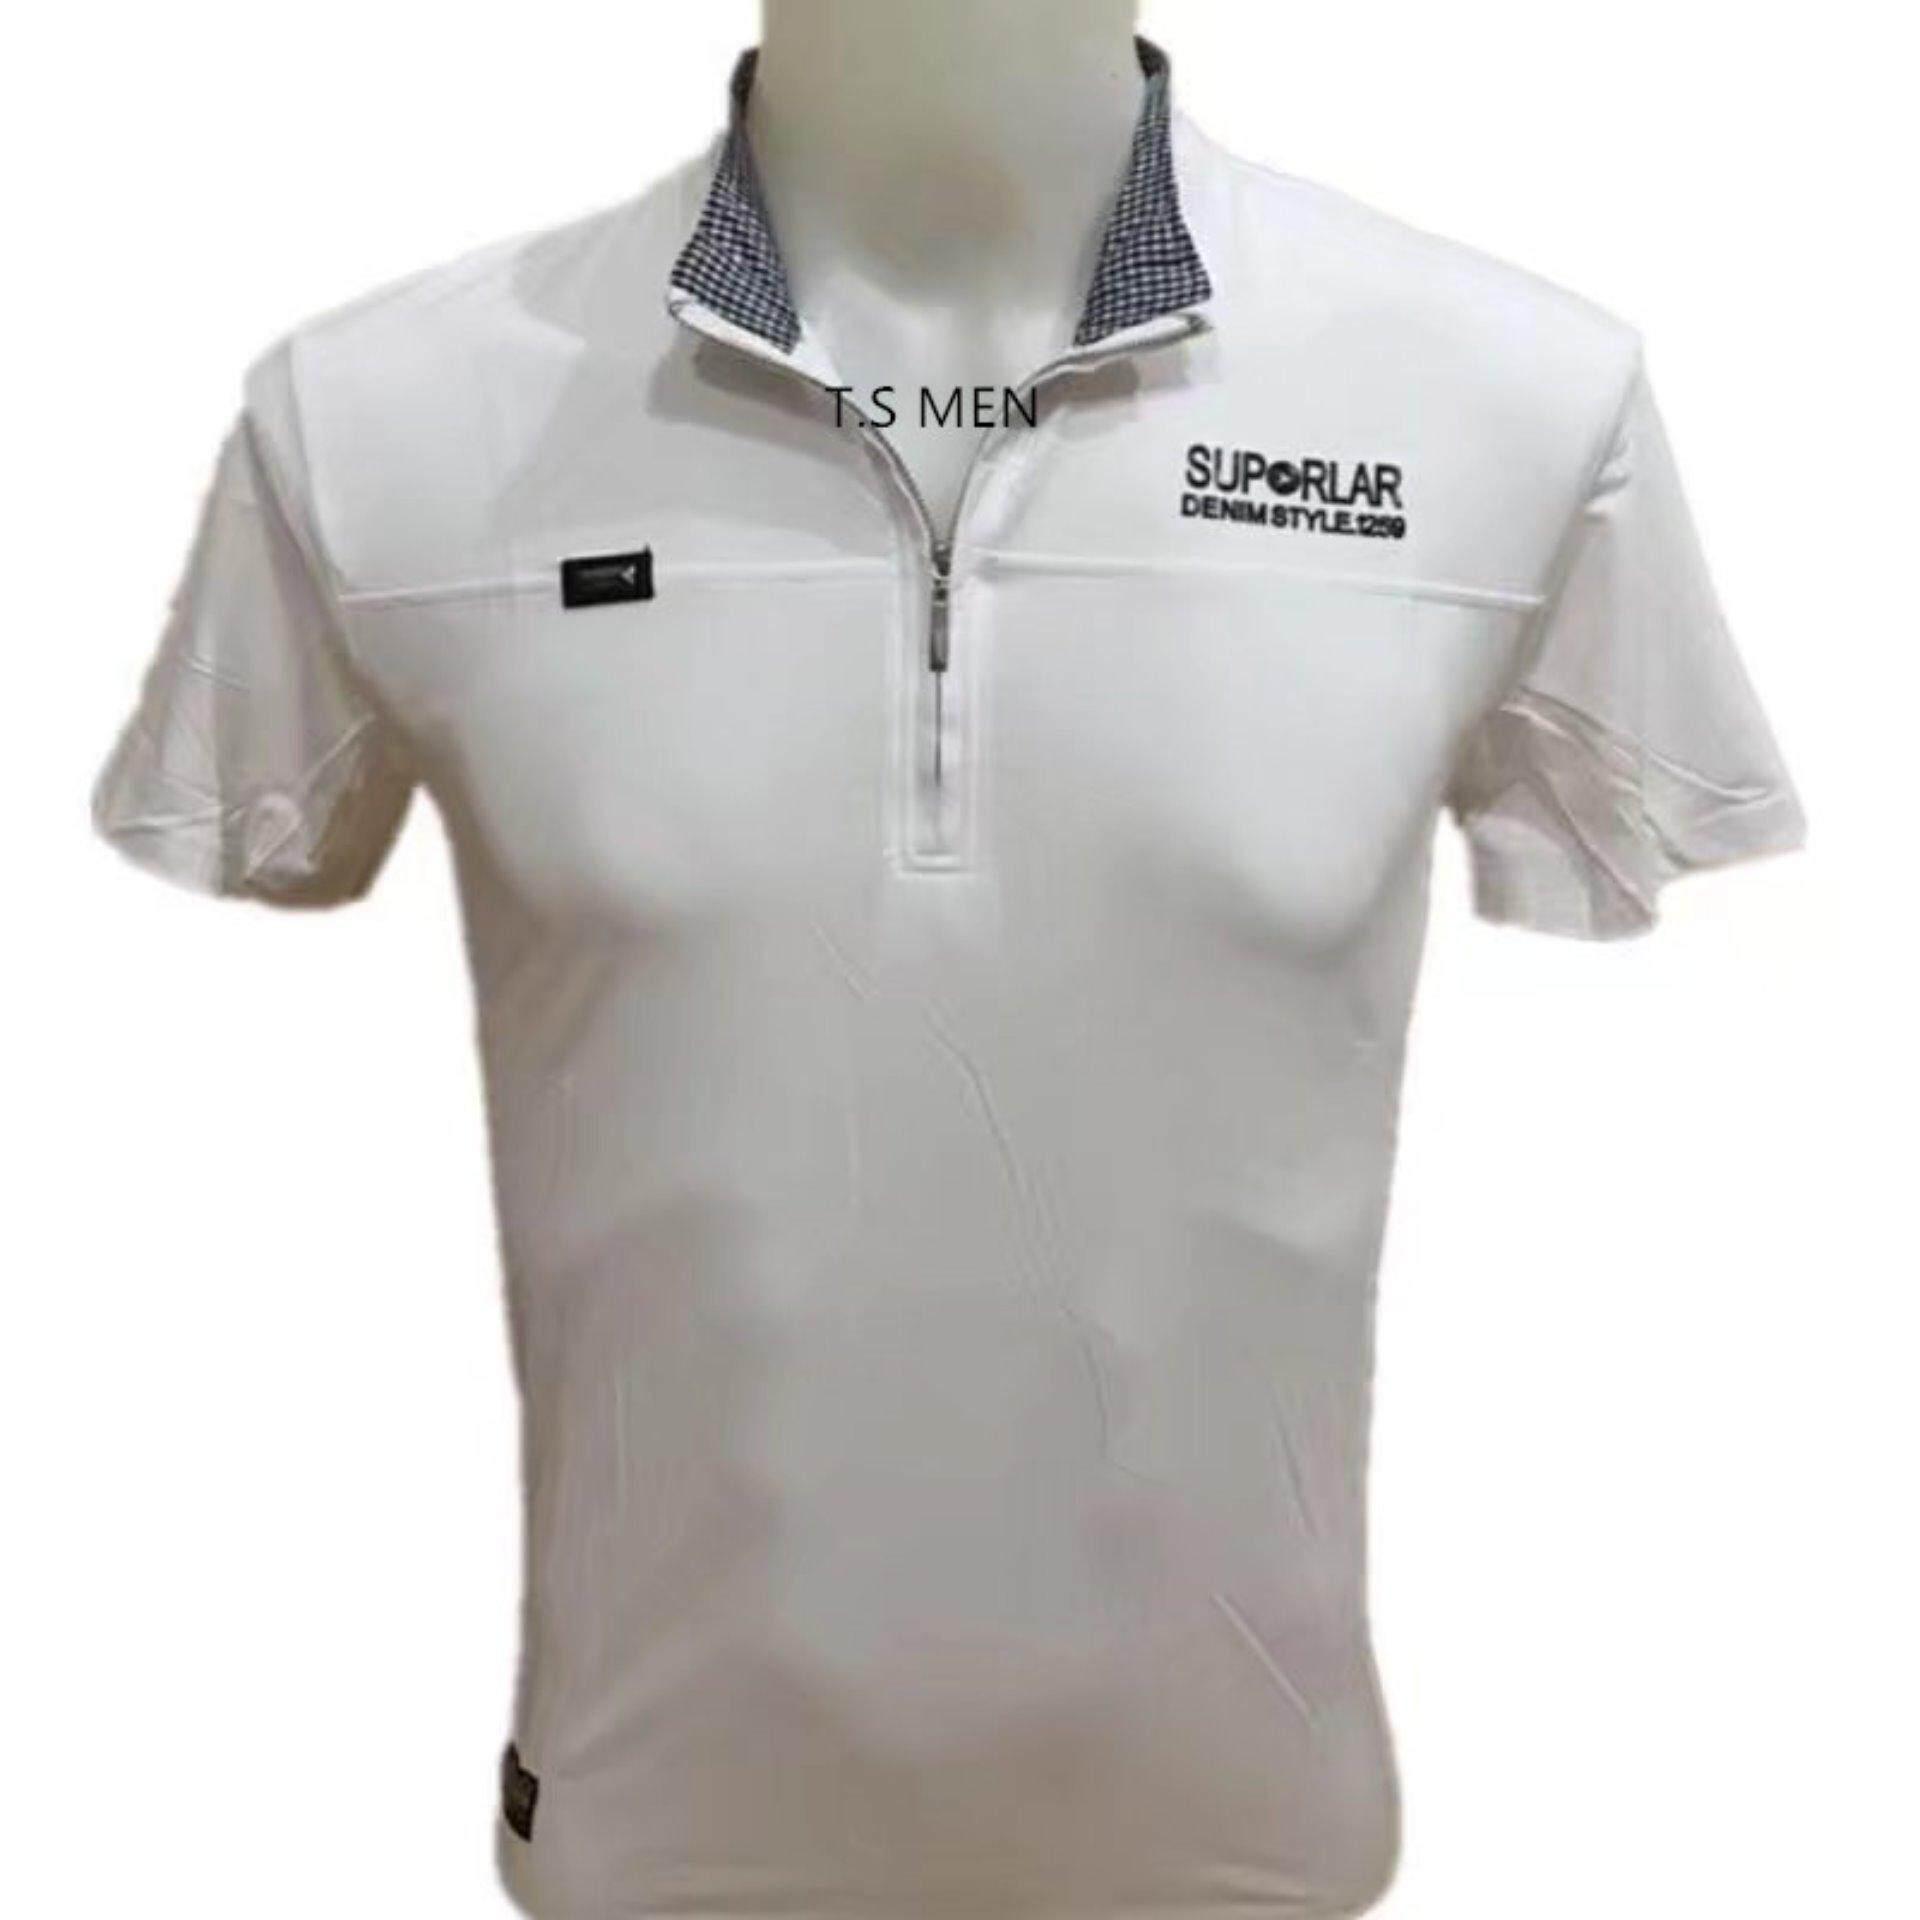 ขาย เสื้อยืดผู้ชายMen S T Shirtเสื้อยืดแฟชั่นผู้ชาย Polo Shirtเสื้อโปโล ออนไลน์ ใน กรุงเทพมหานคร